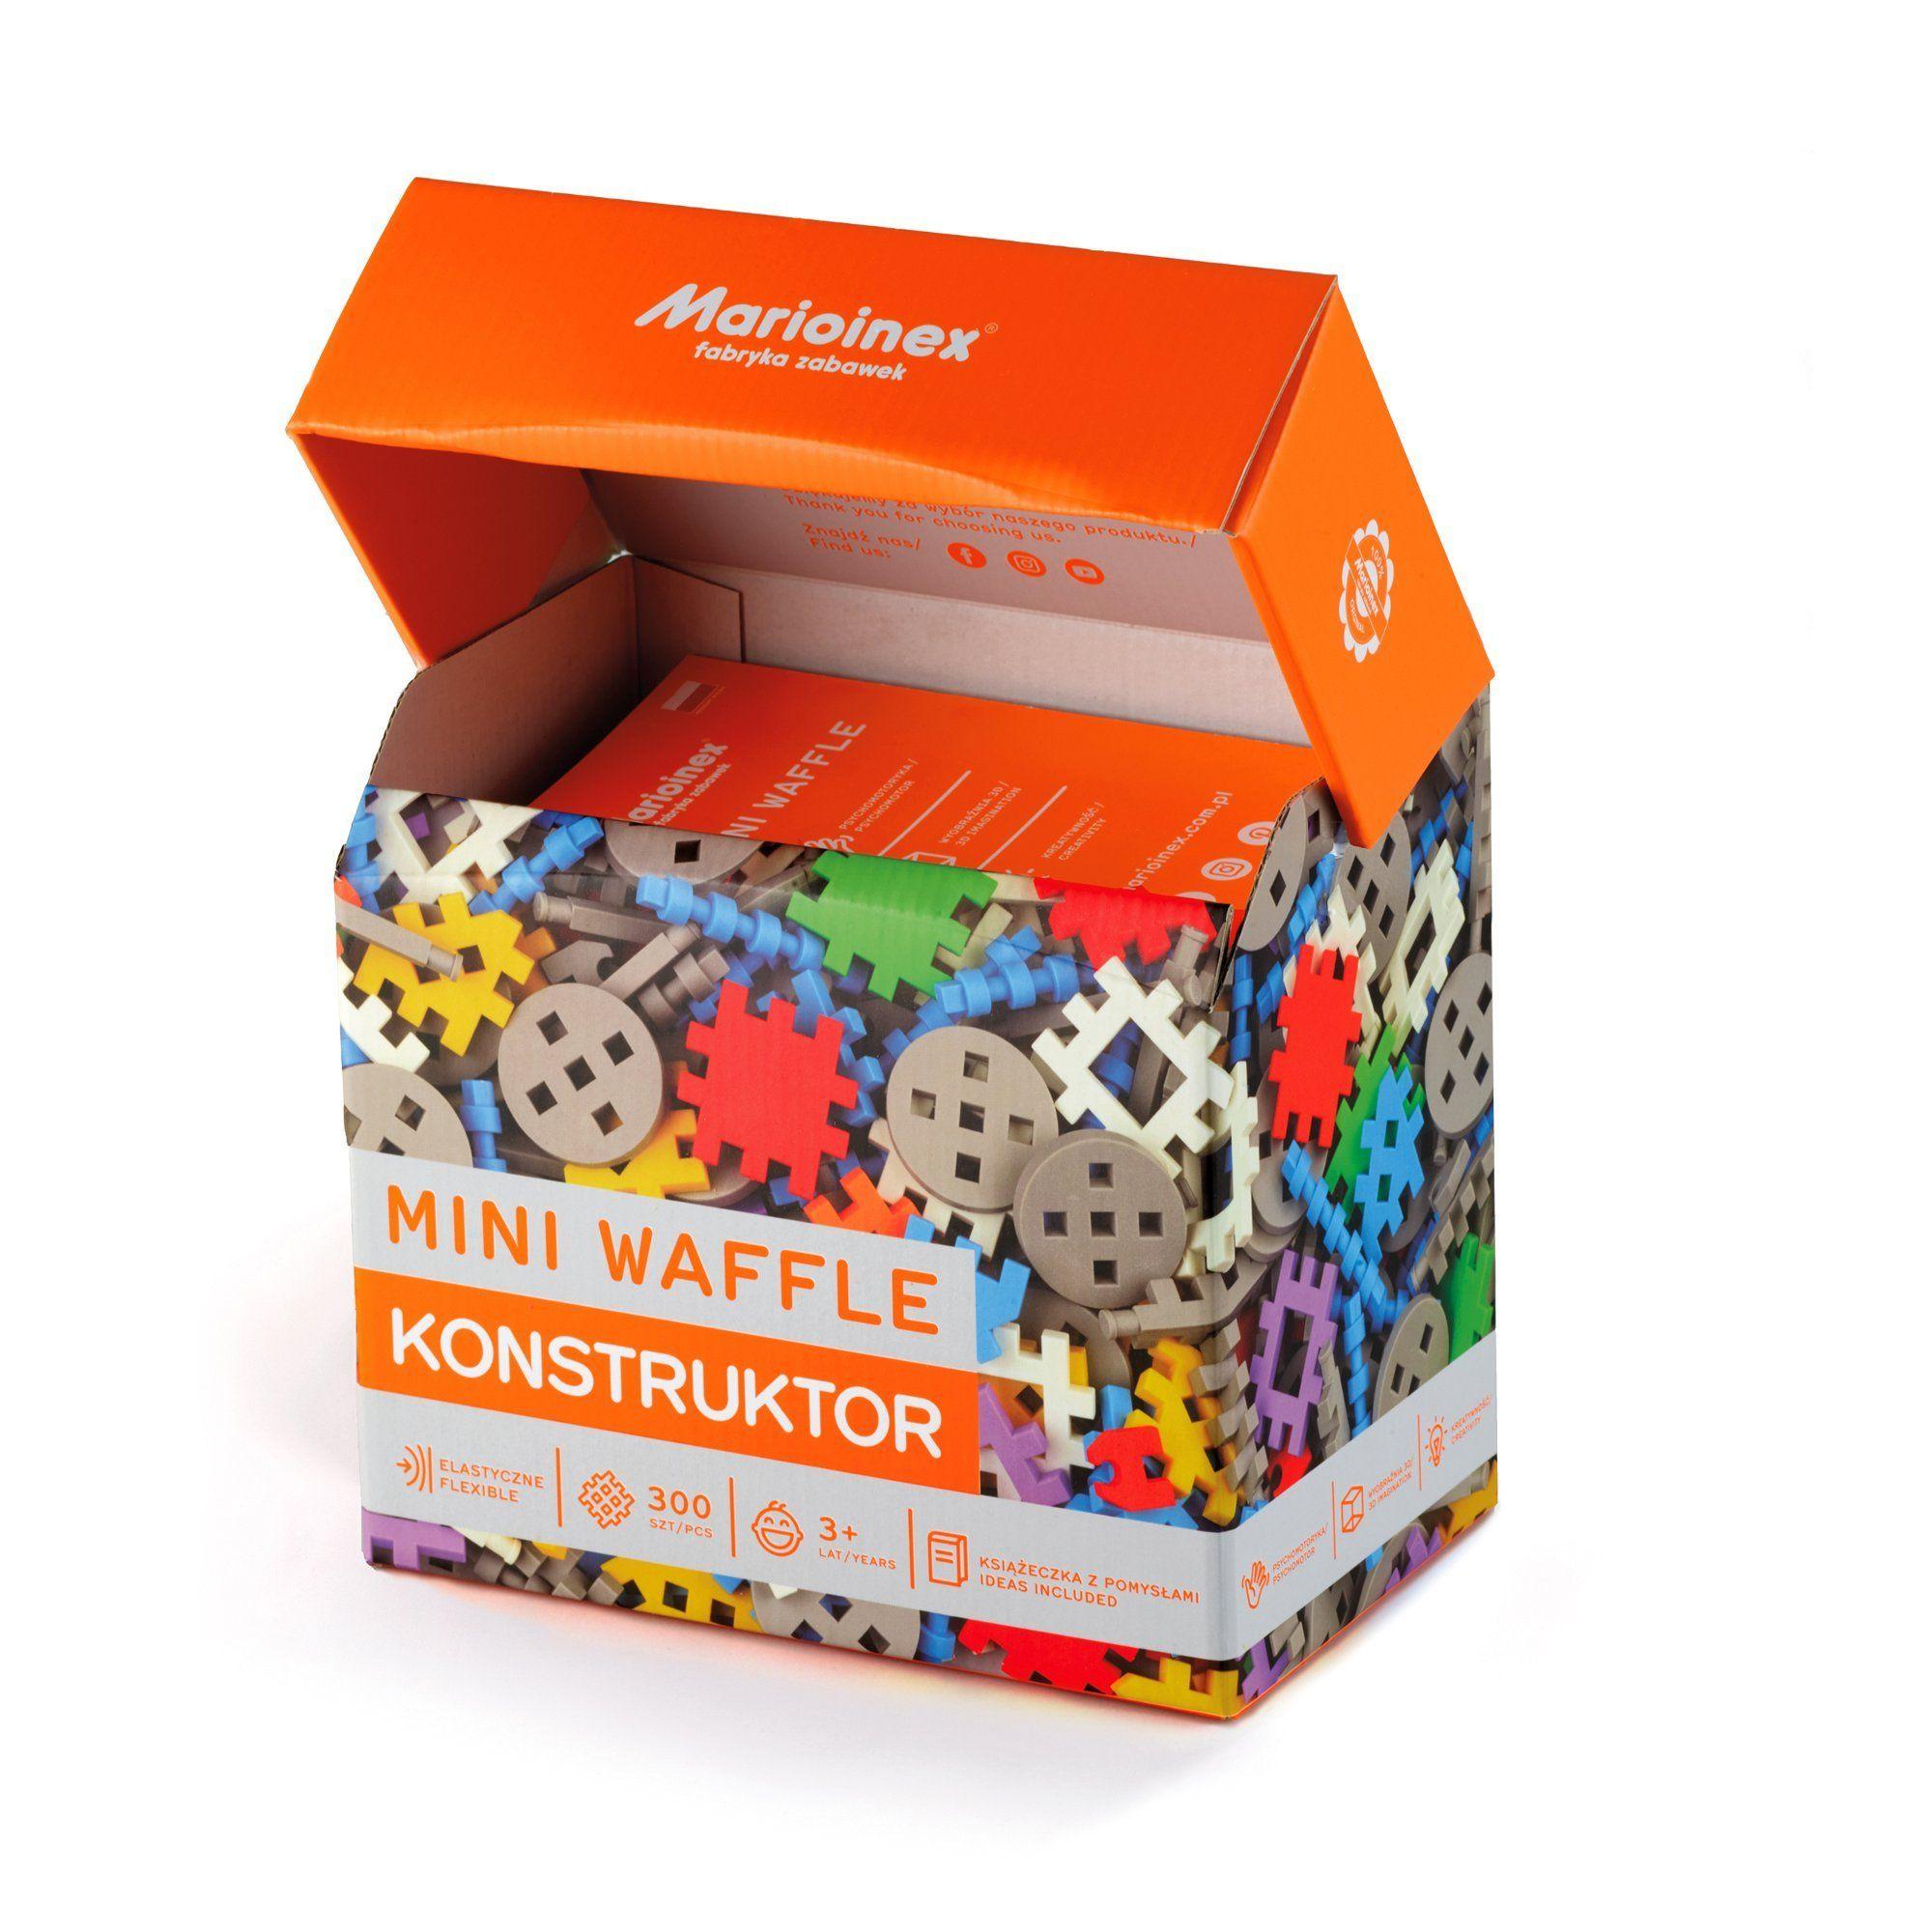 Baukasten 300 Stuck Bausteine Bauklotze Spielzeug Konstrukteur Kinder Konstruktionsspielzeug Konstruktion Set Gross Xl Konstruktionsspielzeug Spielzeug Kasten